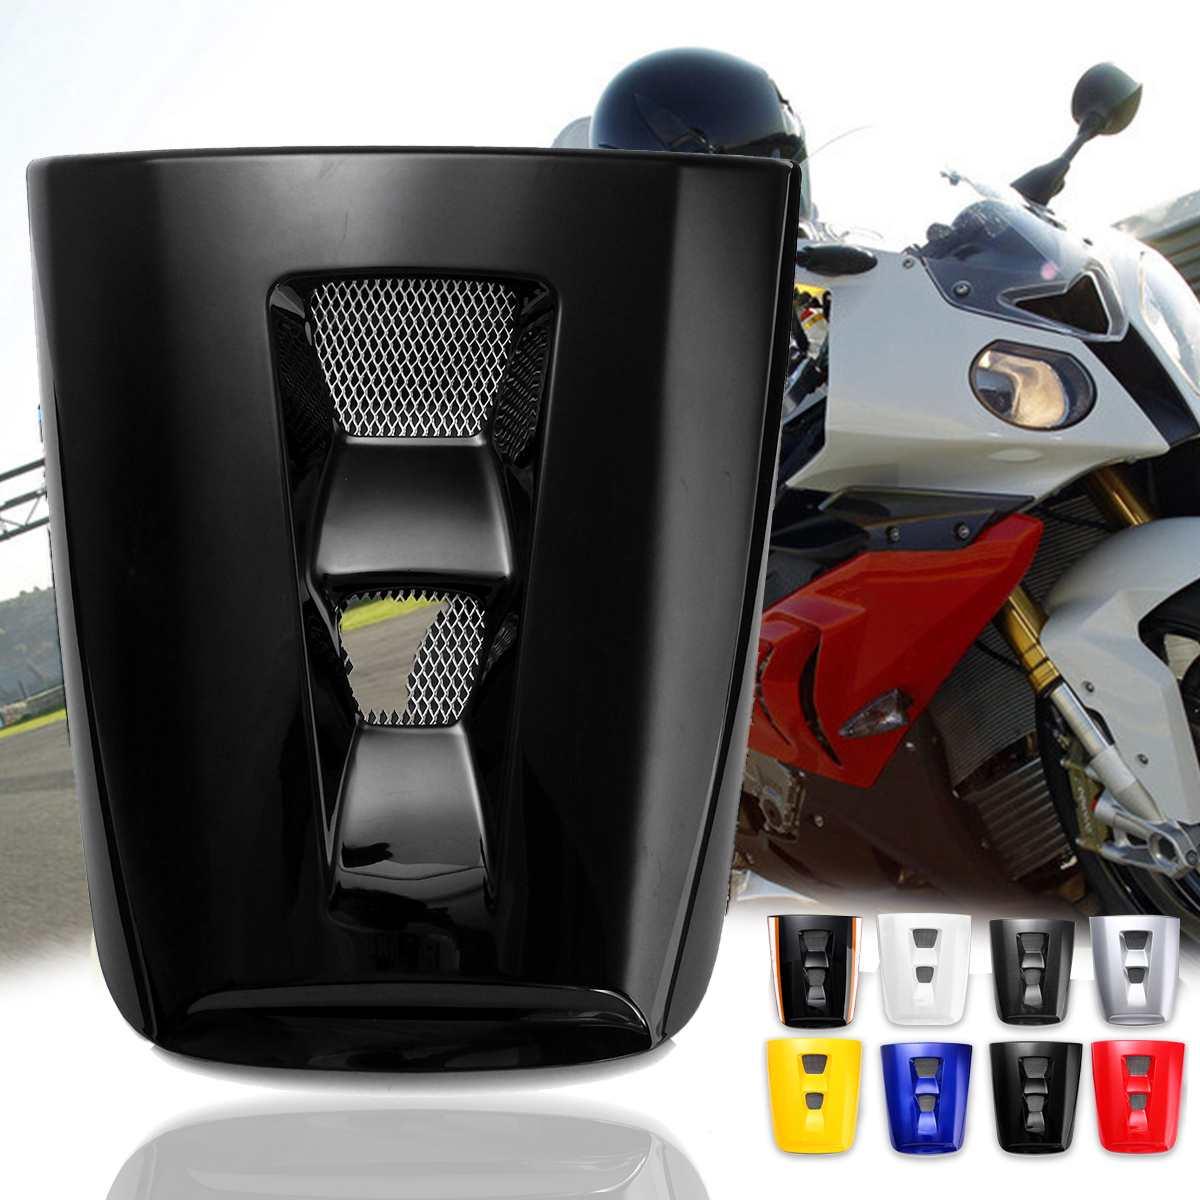 Накладка обтекателя заднего сиденья мотоцикла для Honda CBR1000RR 2004 2005 2006 2007